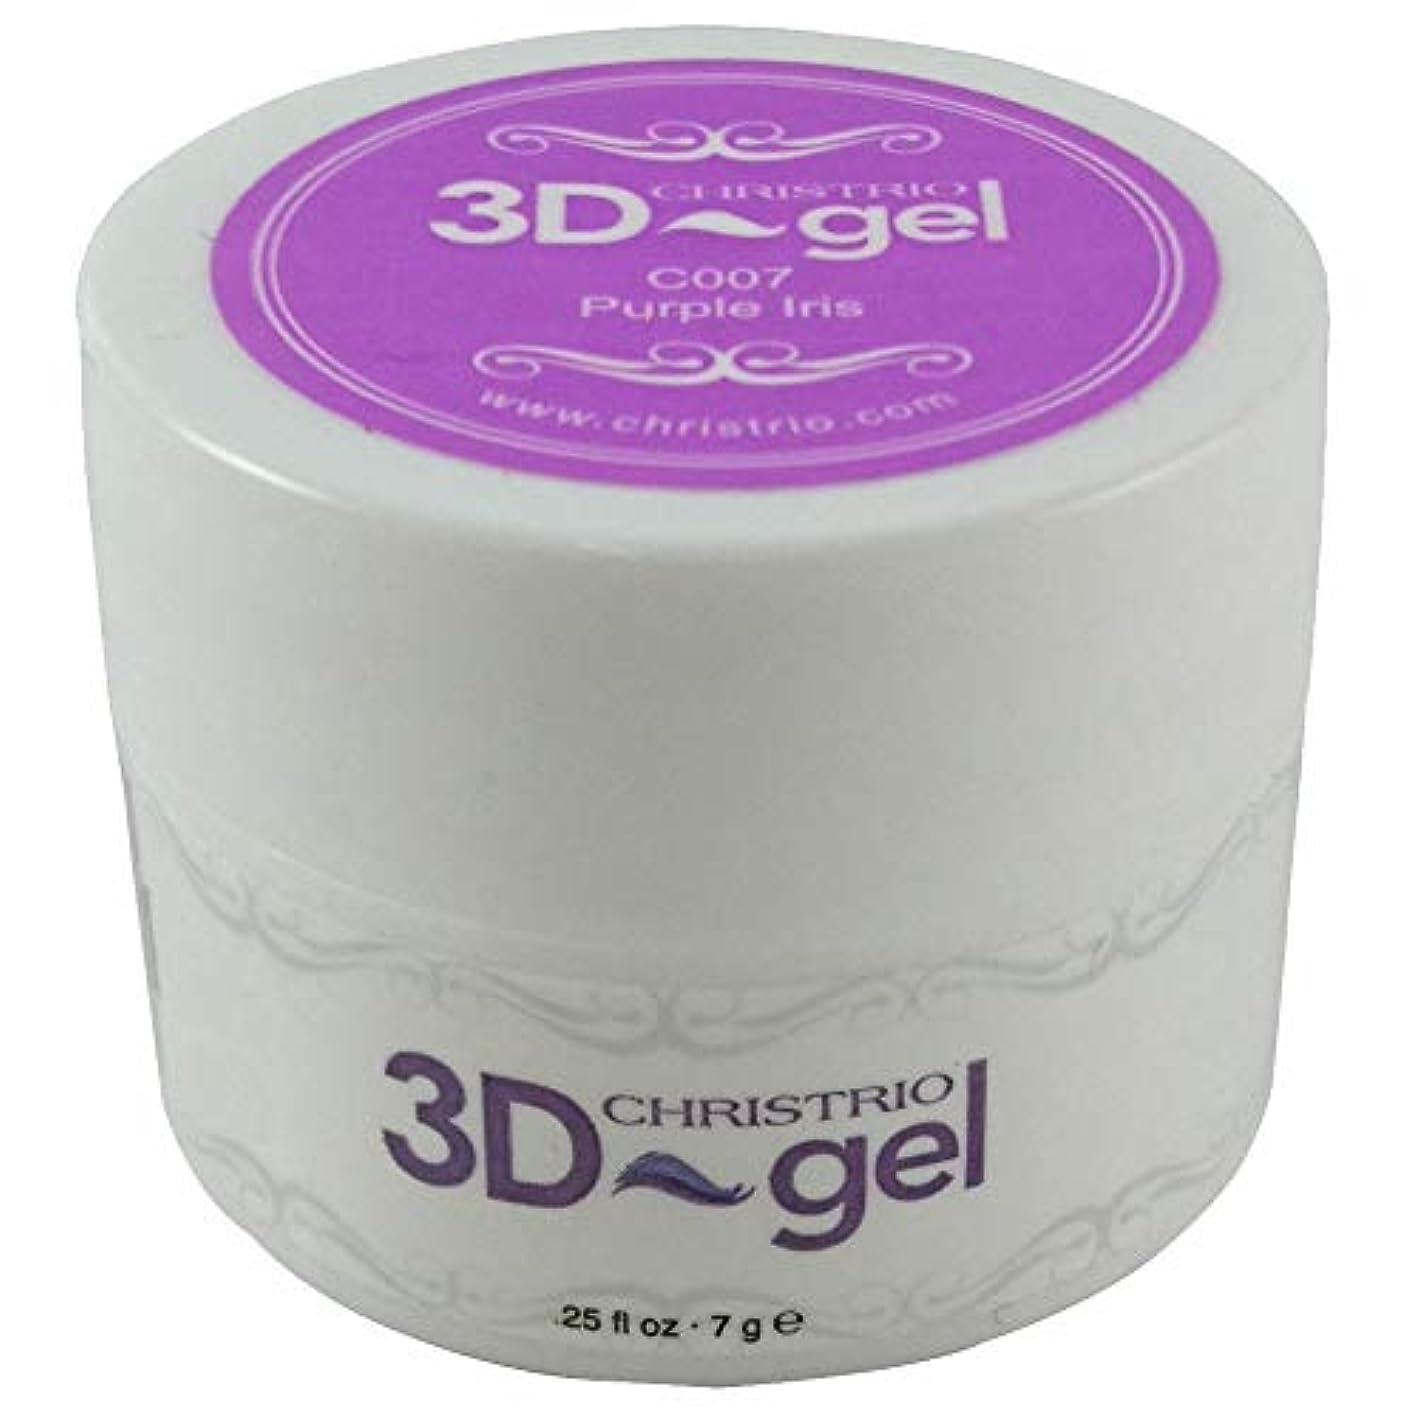 寸前変動するストレスの多いCHRISTRIO 3Dジェル 7g C007 パープルアイリス